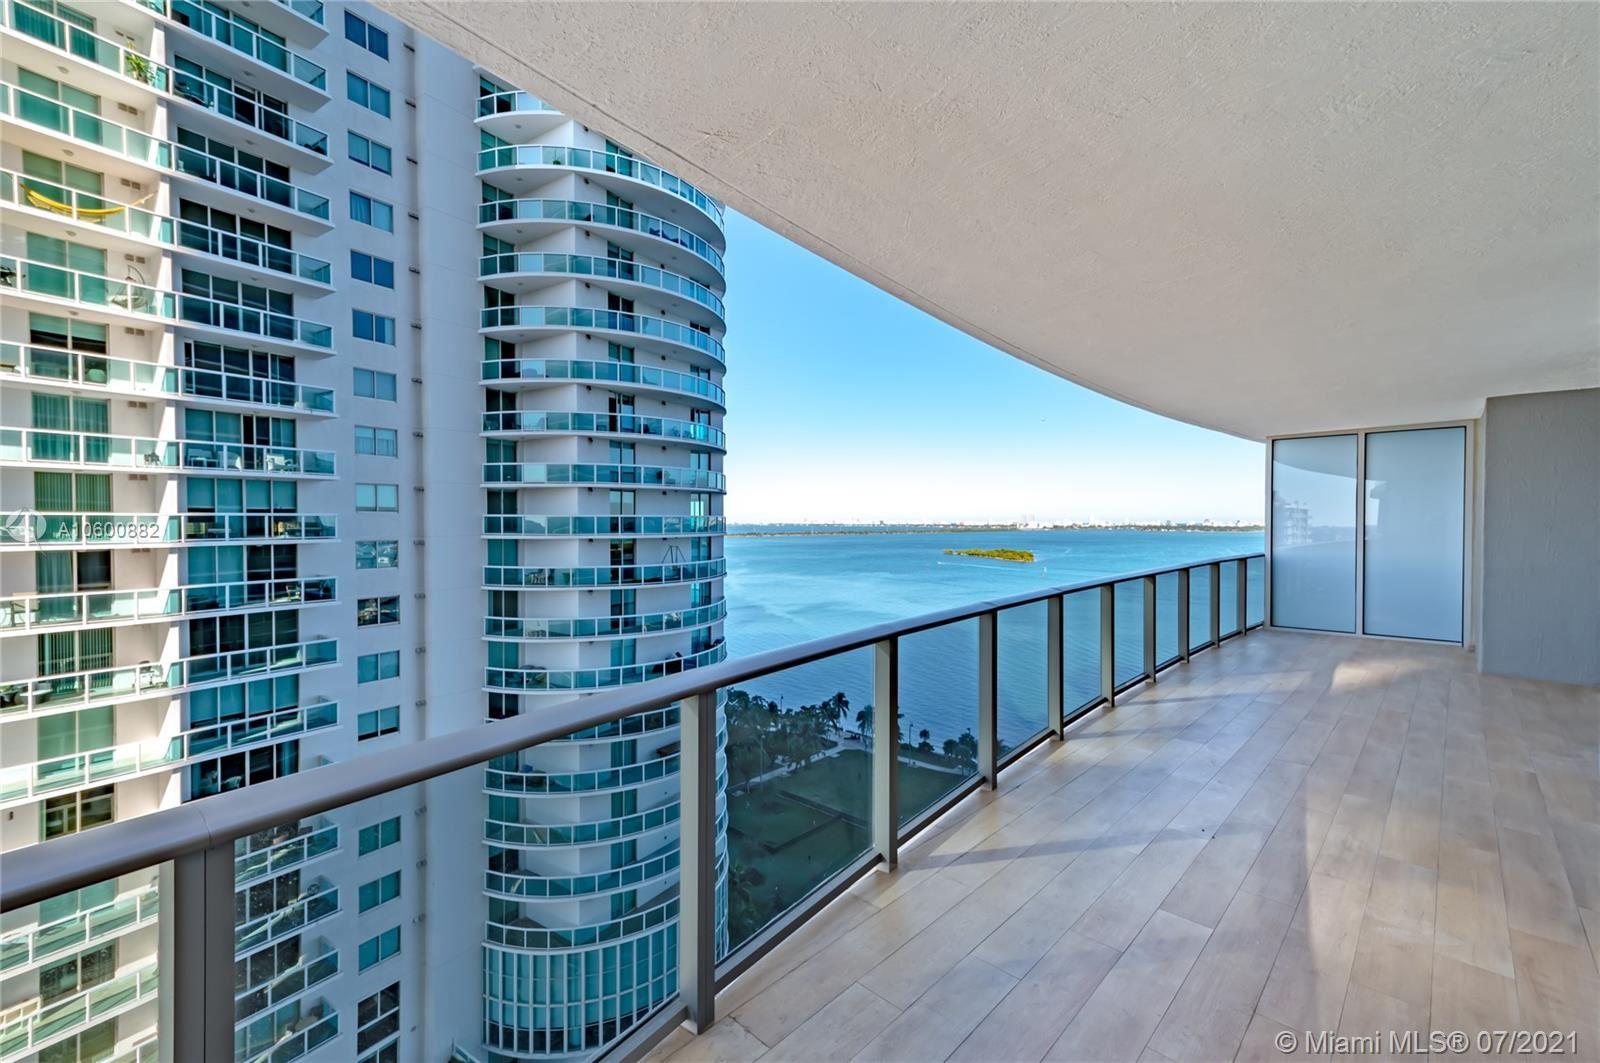 488 NE 18 st #1911, Miami, FL 33132 - #: A10600882